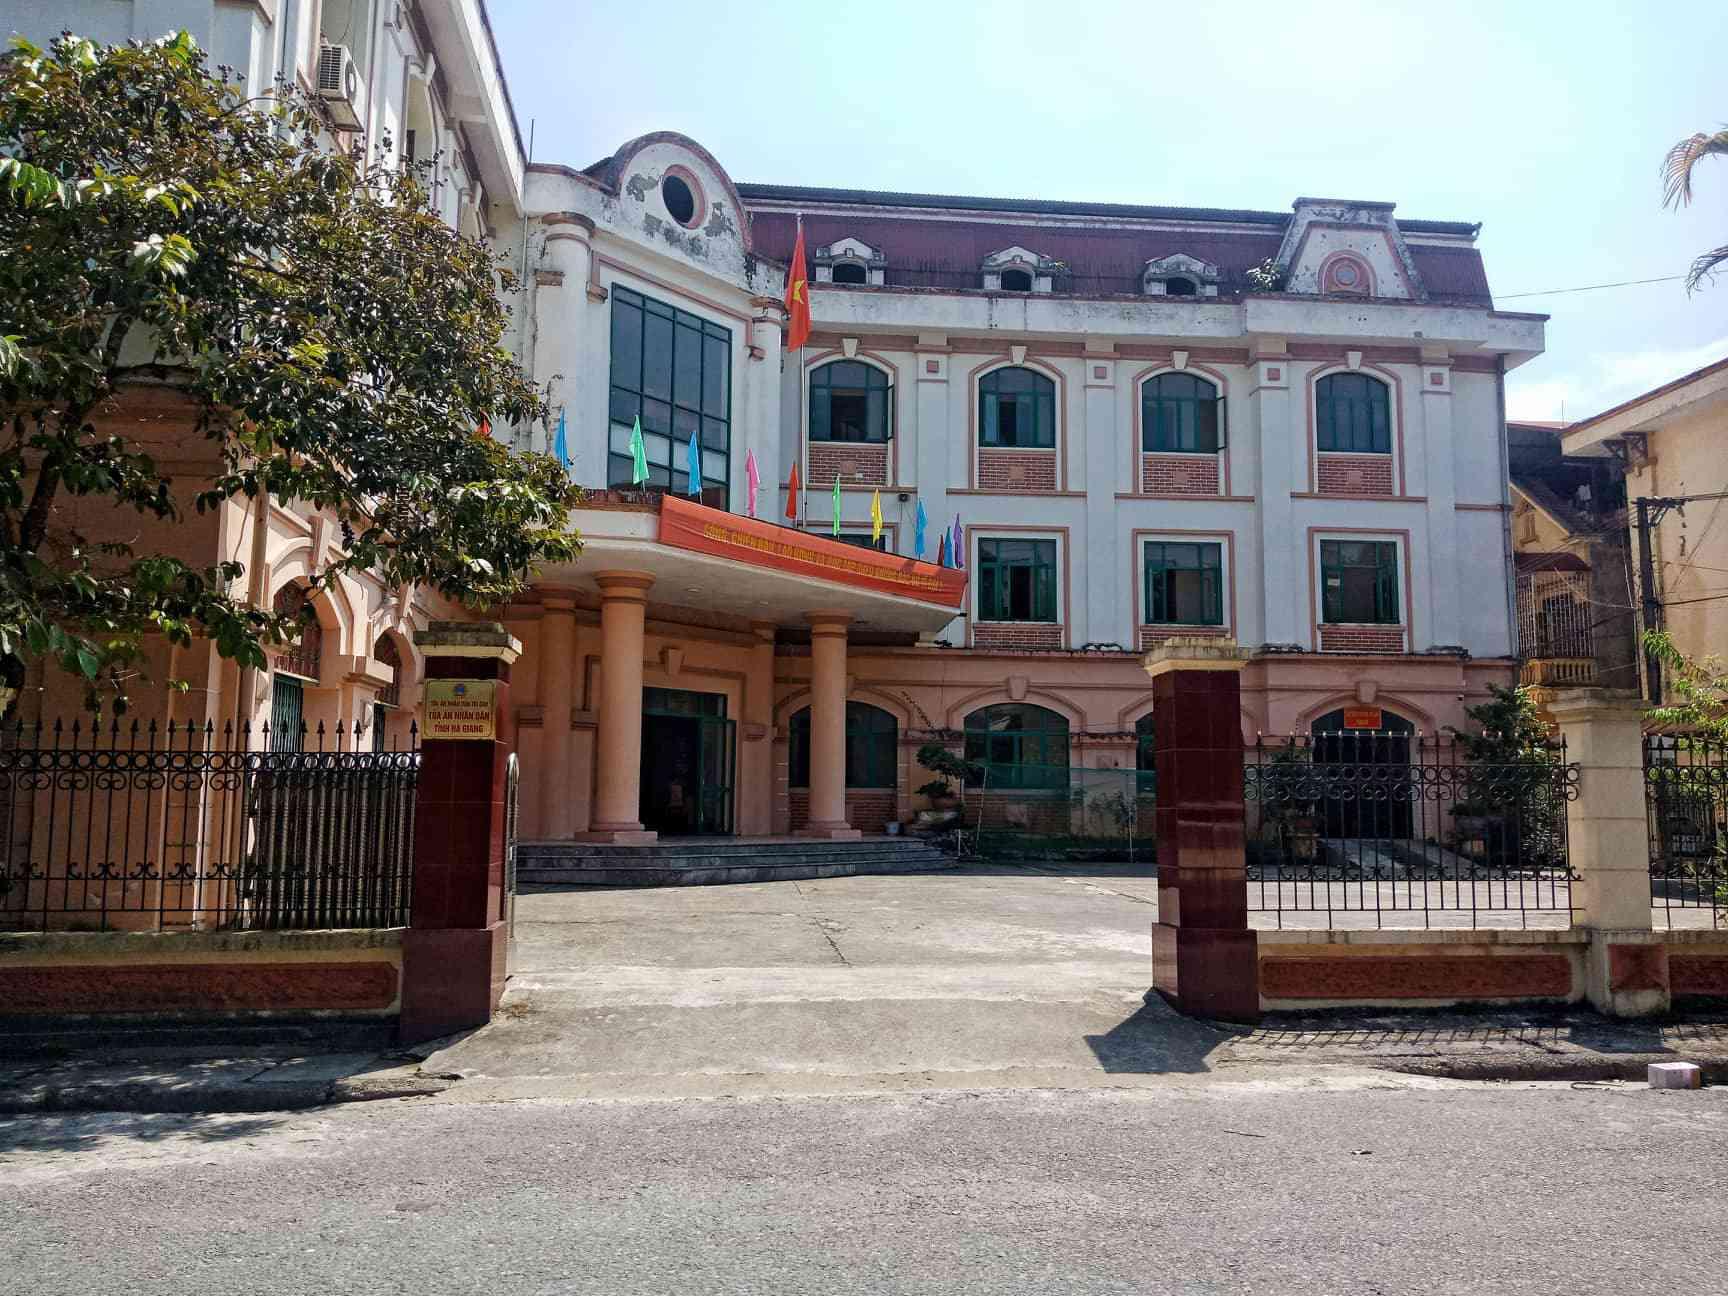 Sáng nay, xét xử 5 bị cáo vụ gian lận điểm thi tại Hà Giang - 1